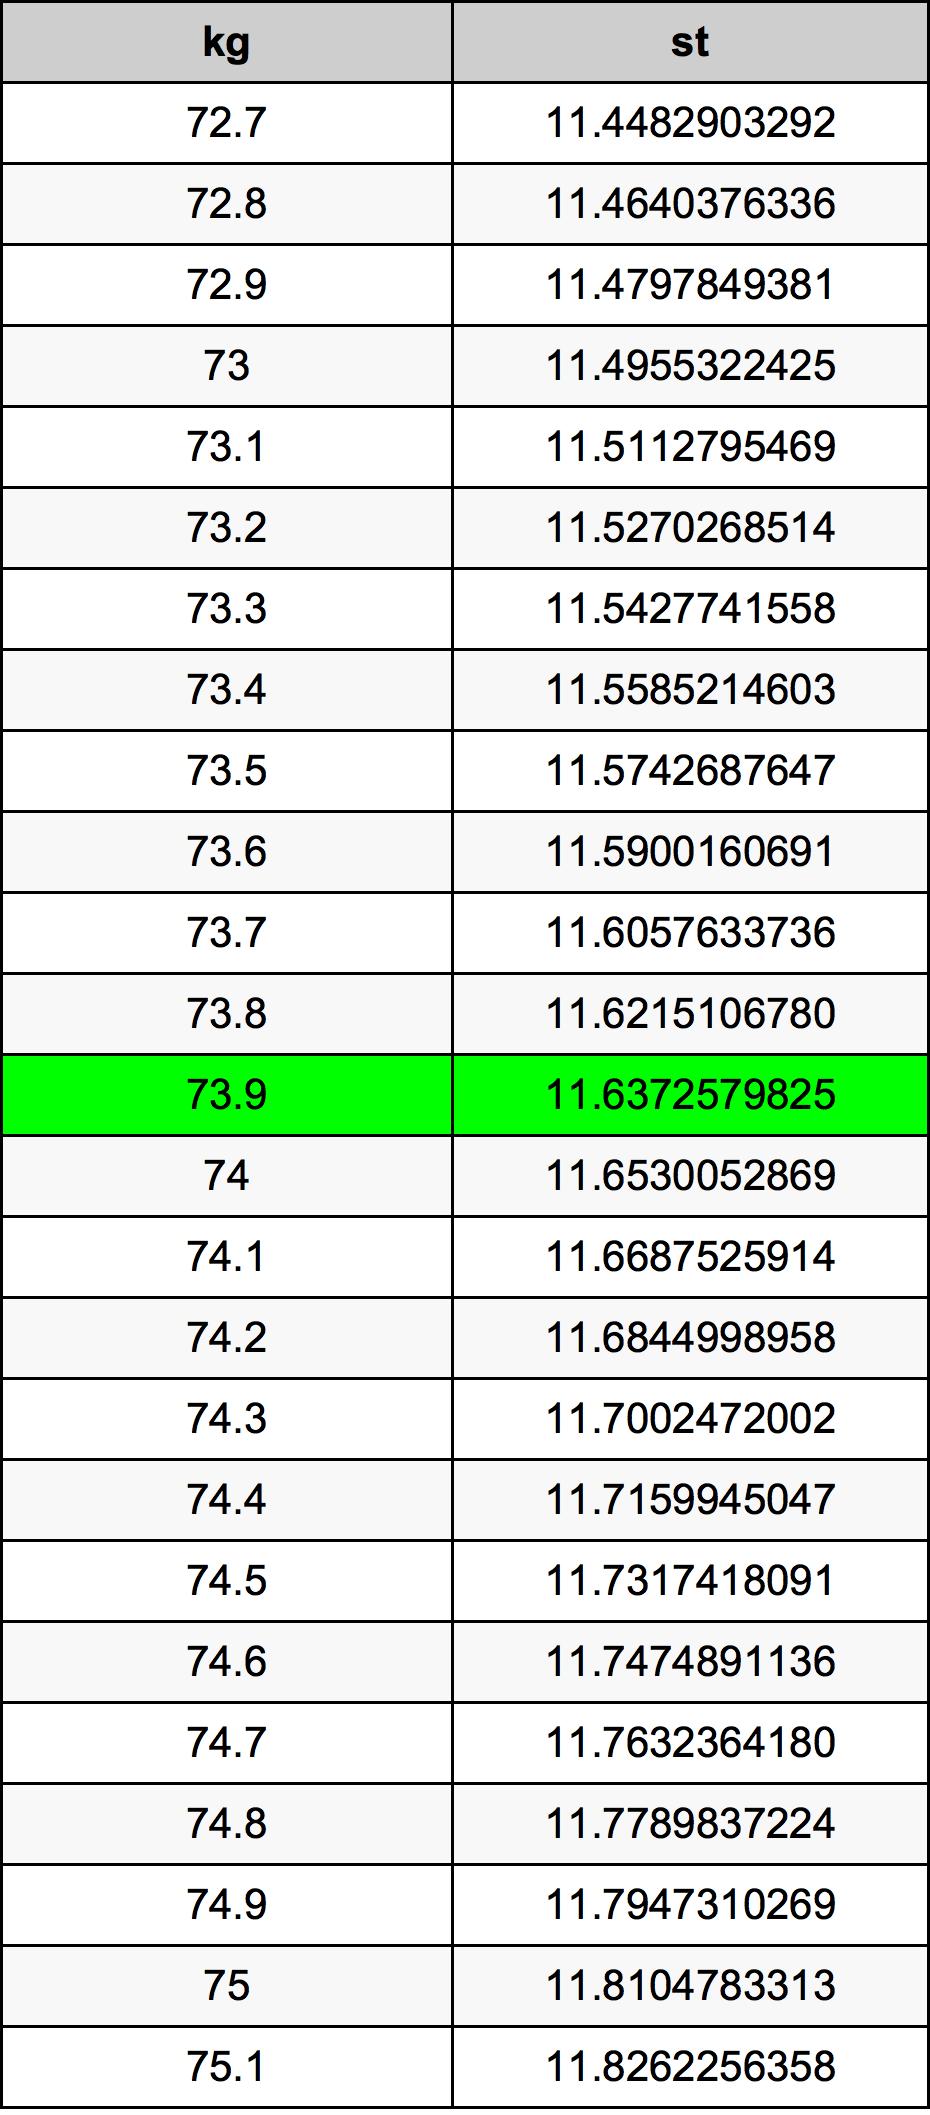 73.9 Kilogramo Tabla de conversión